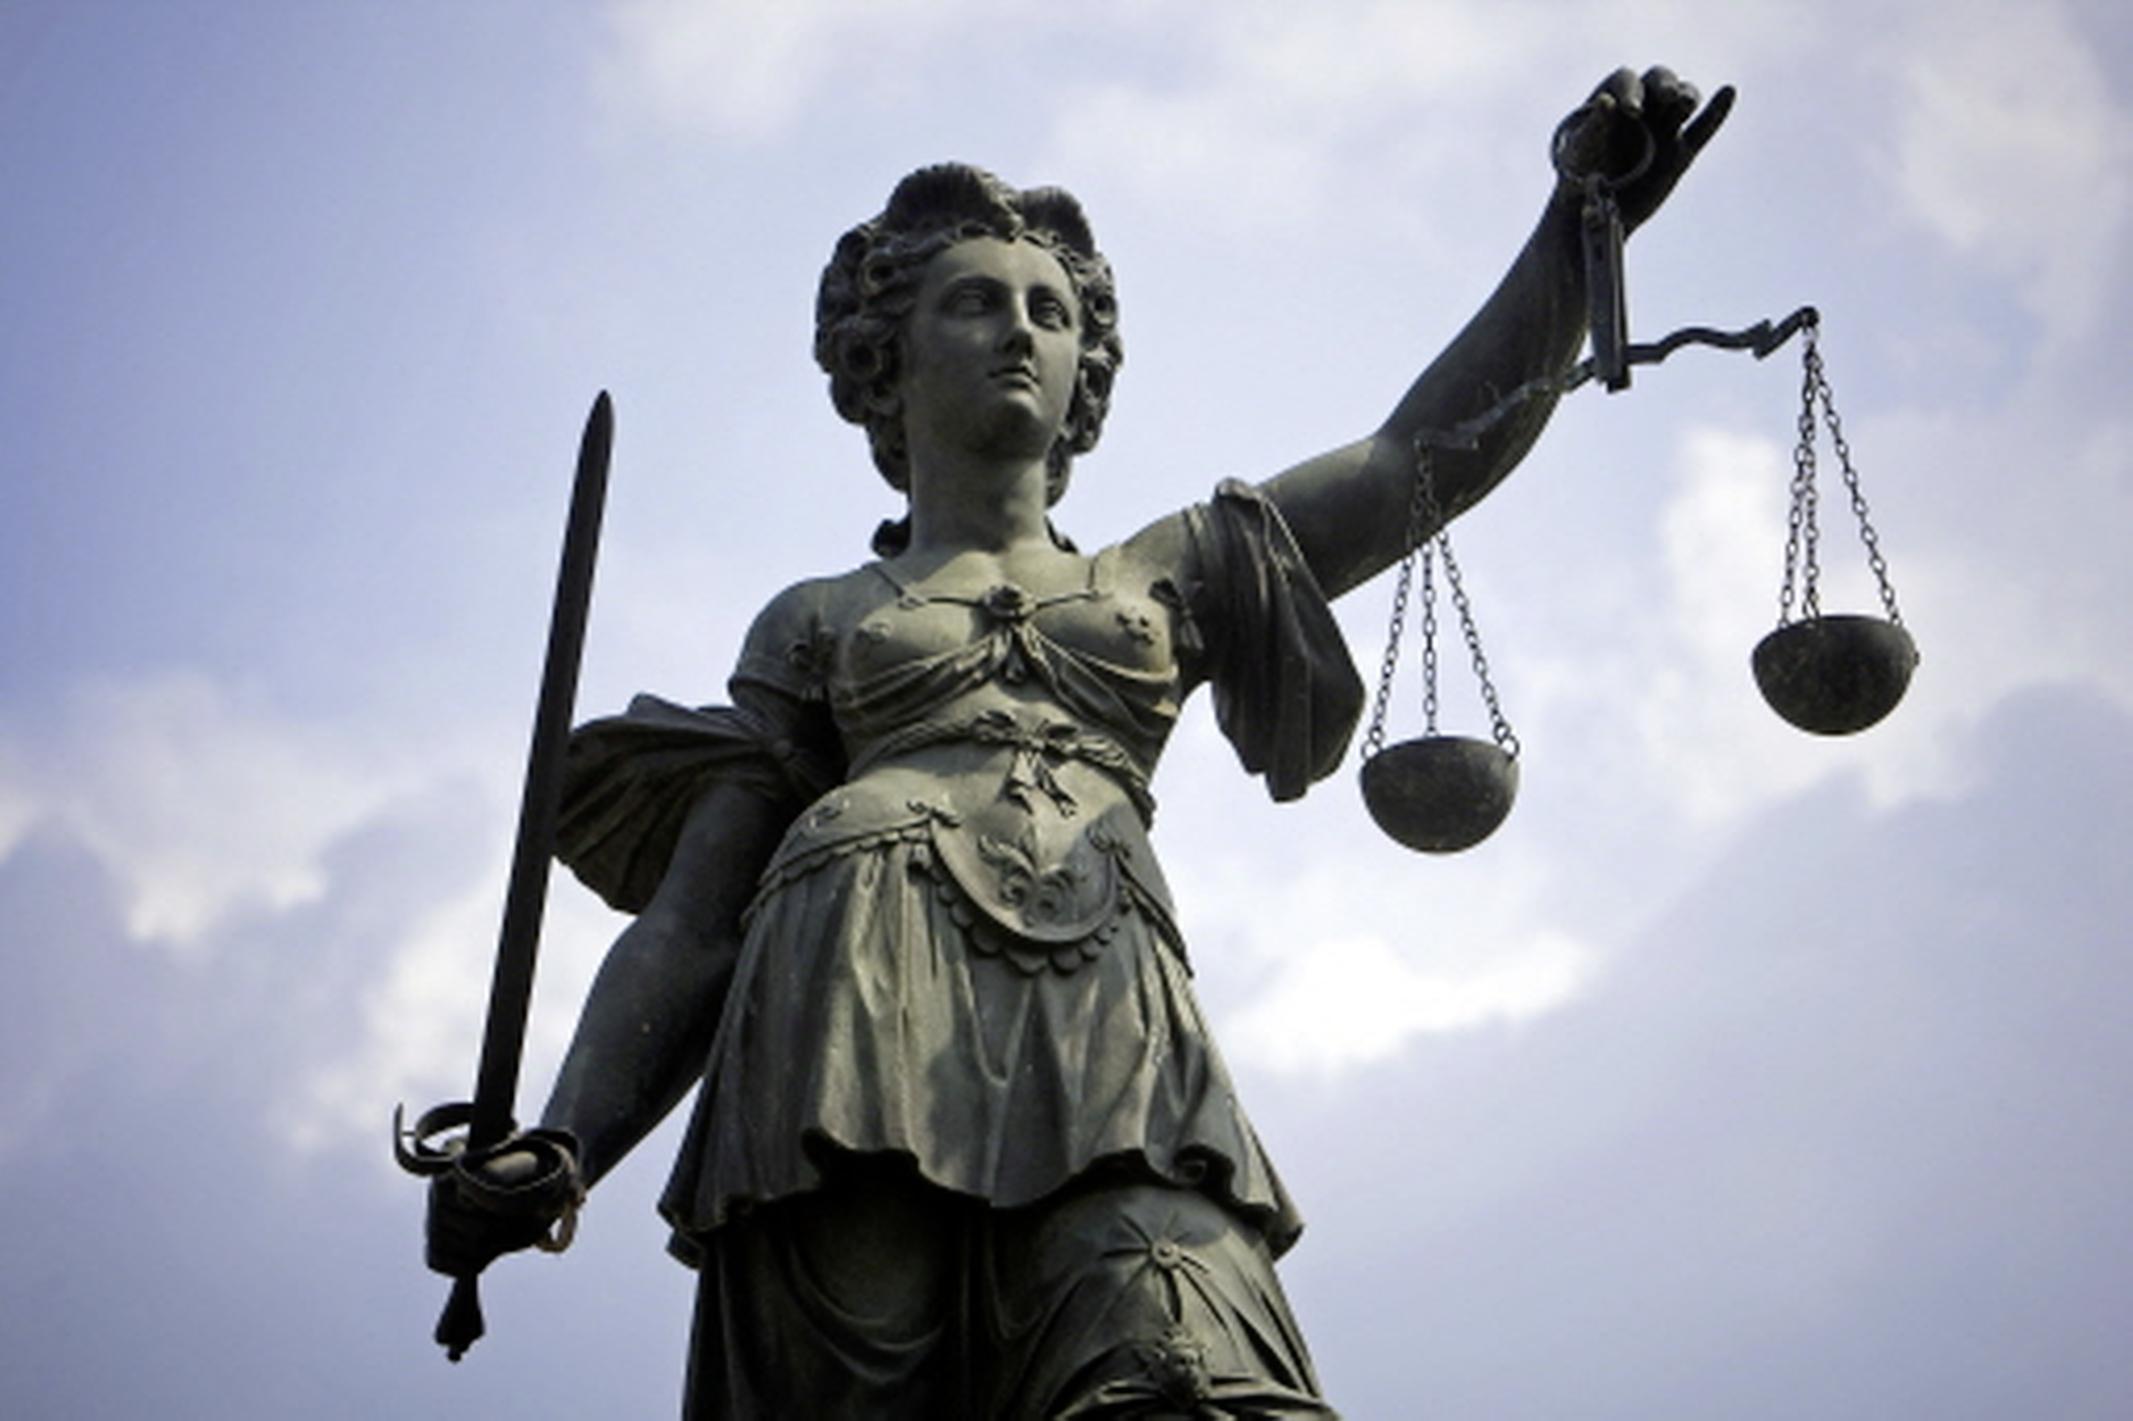 Hardleerse stalker uit Zaandam moet half jaar de cel in: honderd belletjes in een week naar zijn ex, straatverbod overtreden